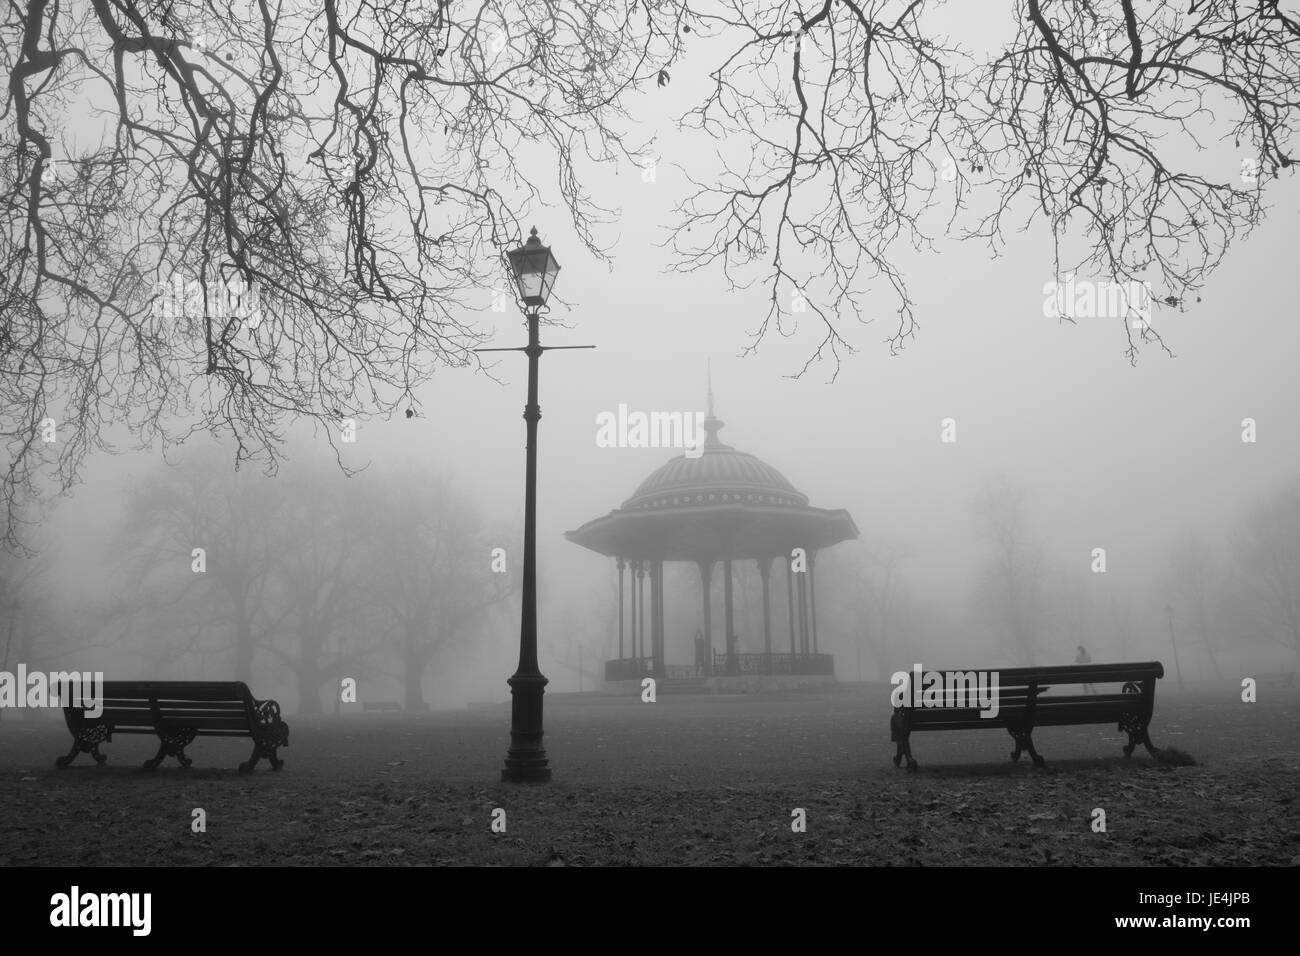 Freezing fog by the bandstand on Clapham Common, Clapham, London, UK - Stock Image